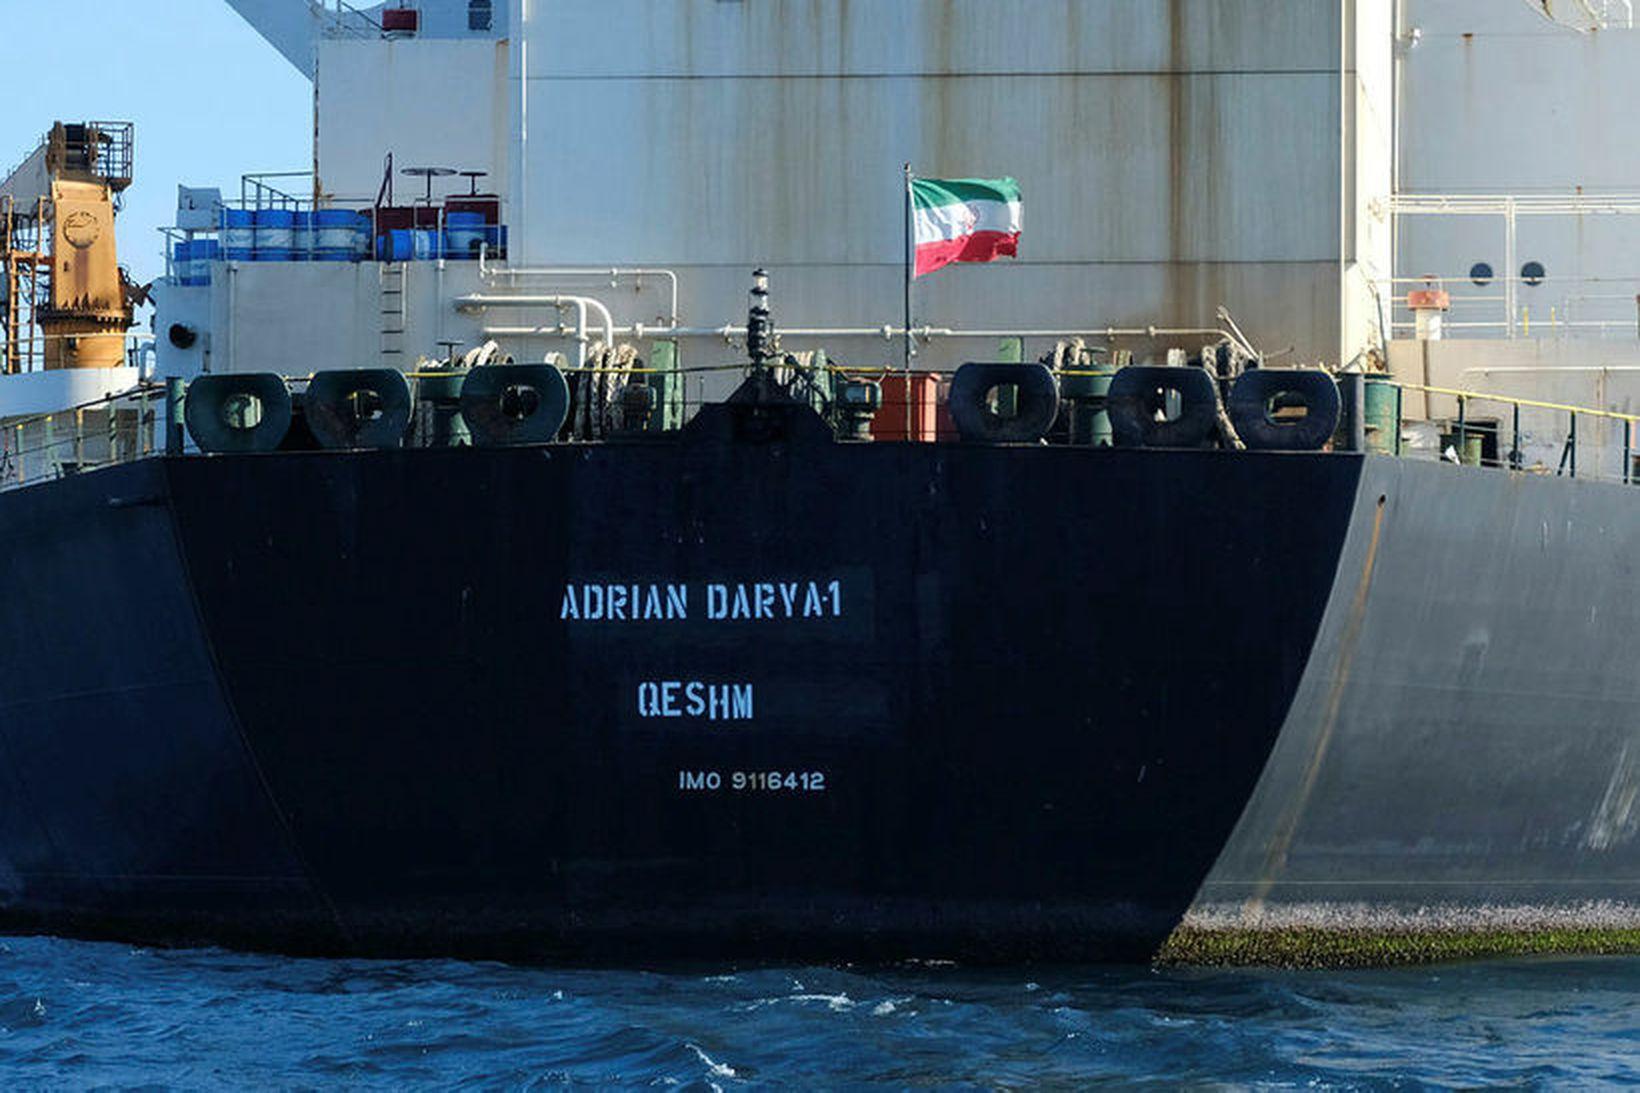 Olíuskipið umdeilda ber nú nafnið Adrian Darya.